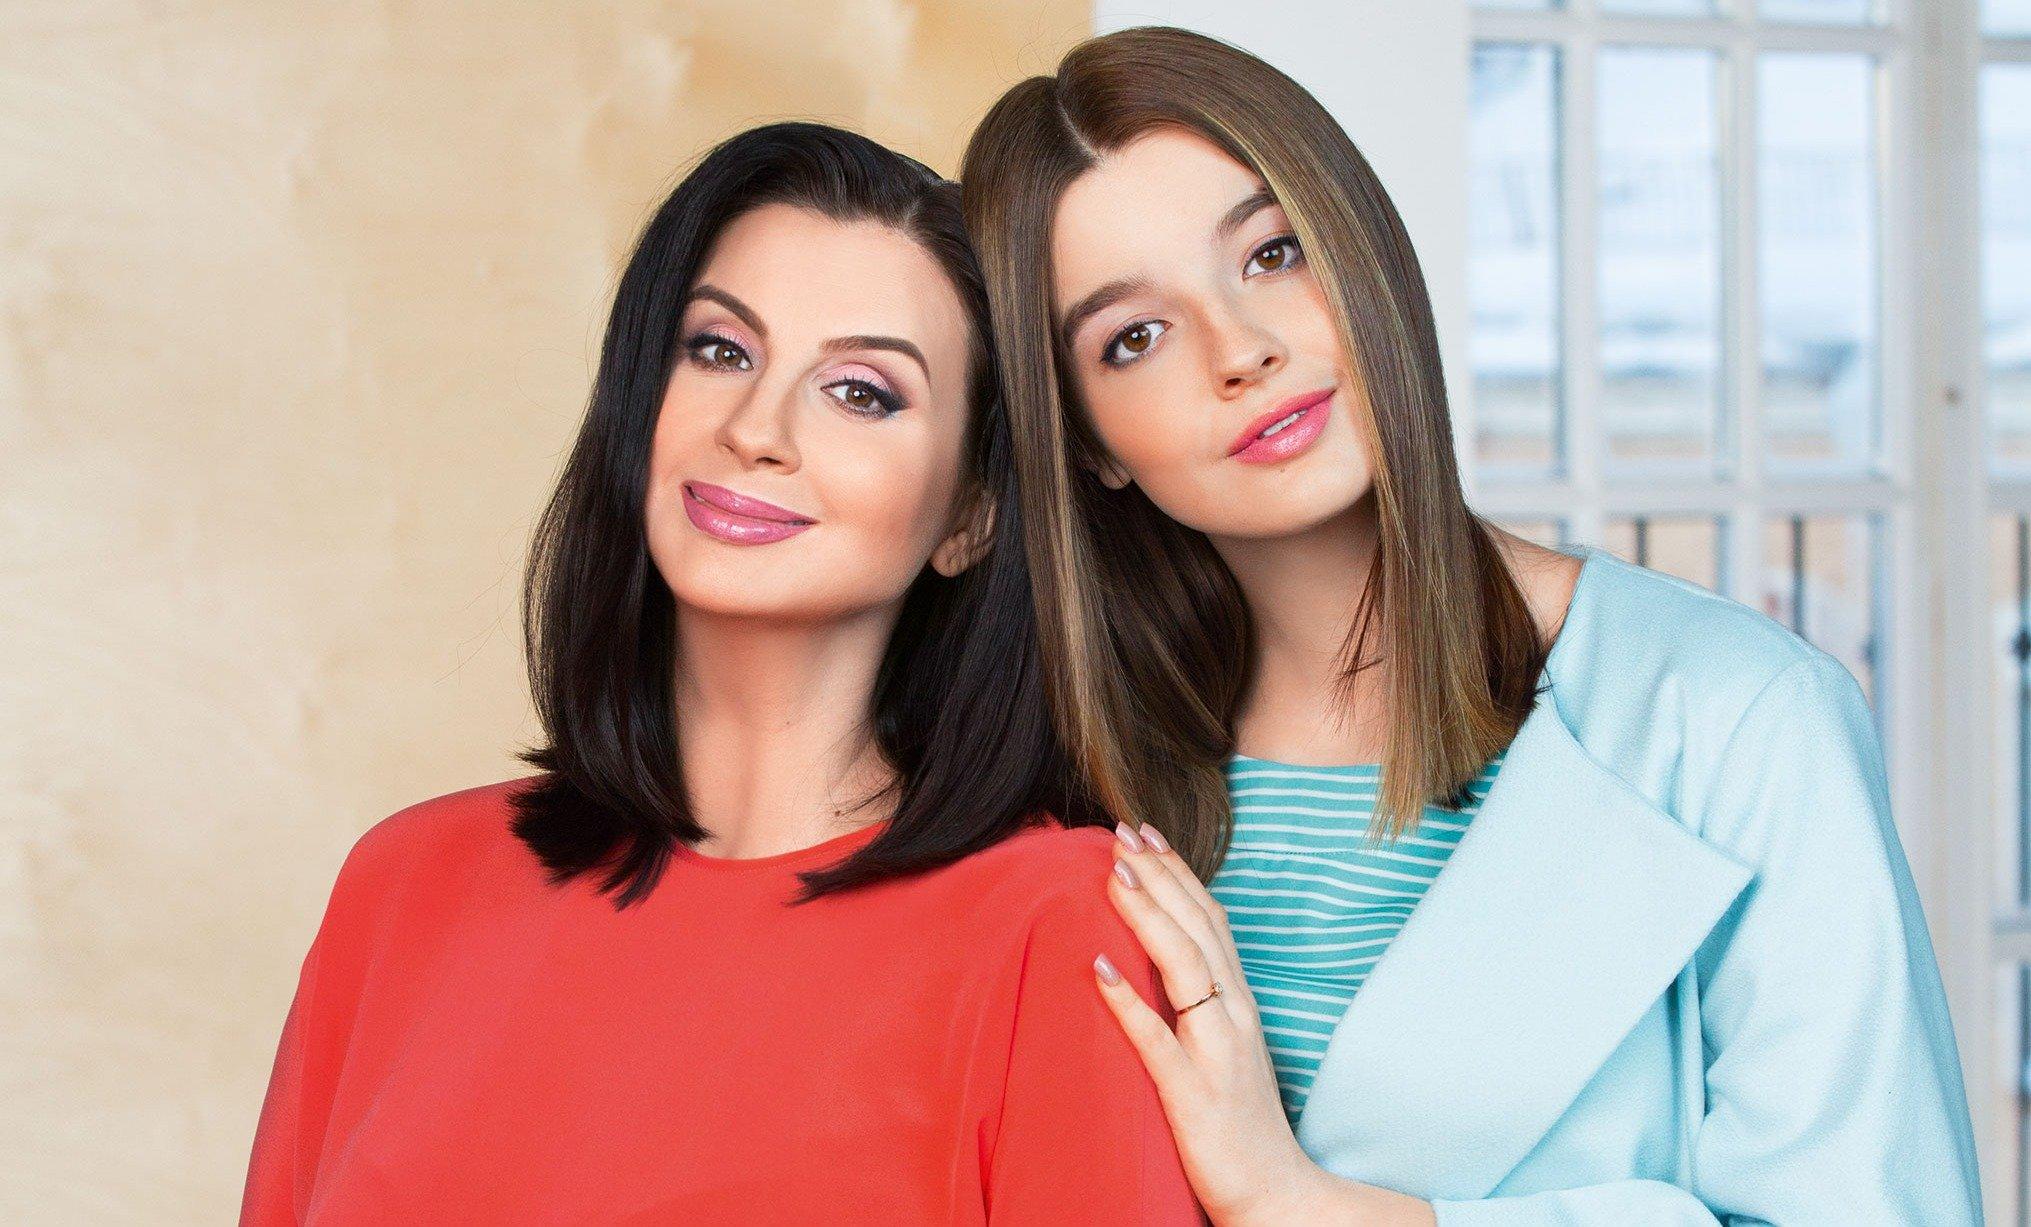 Екатерина Стриженова поделилась семейным снимком с отдыха